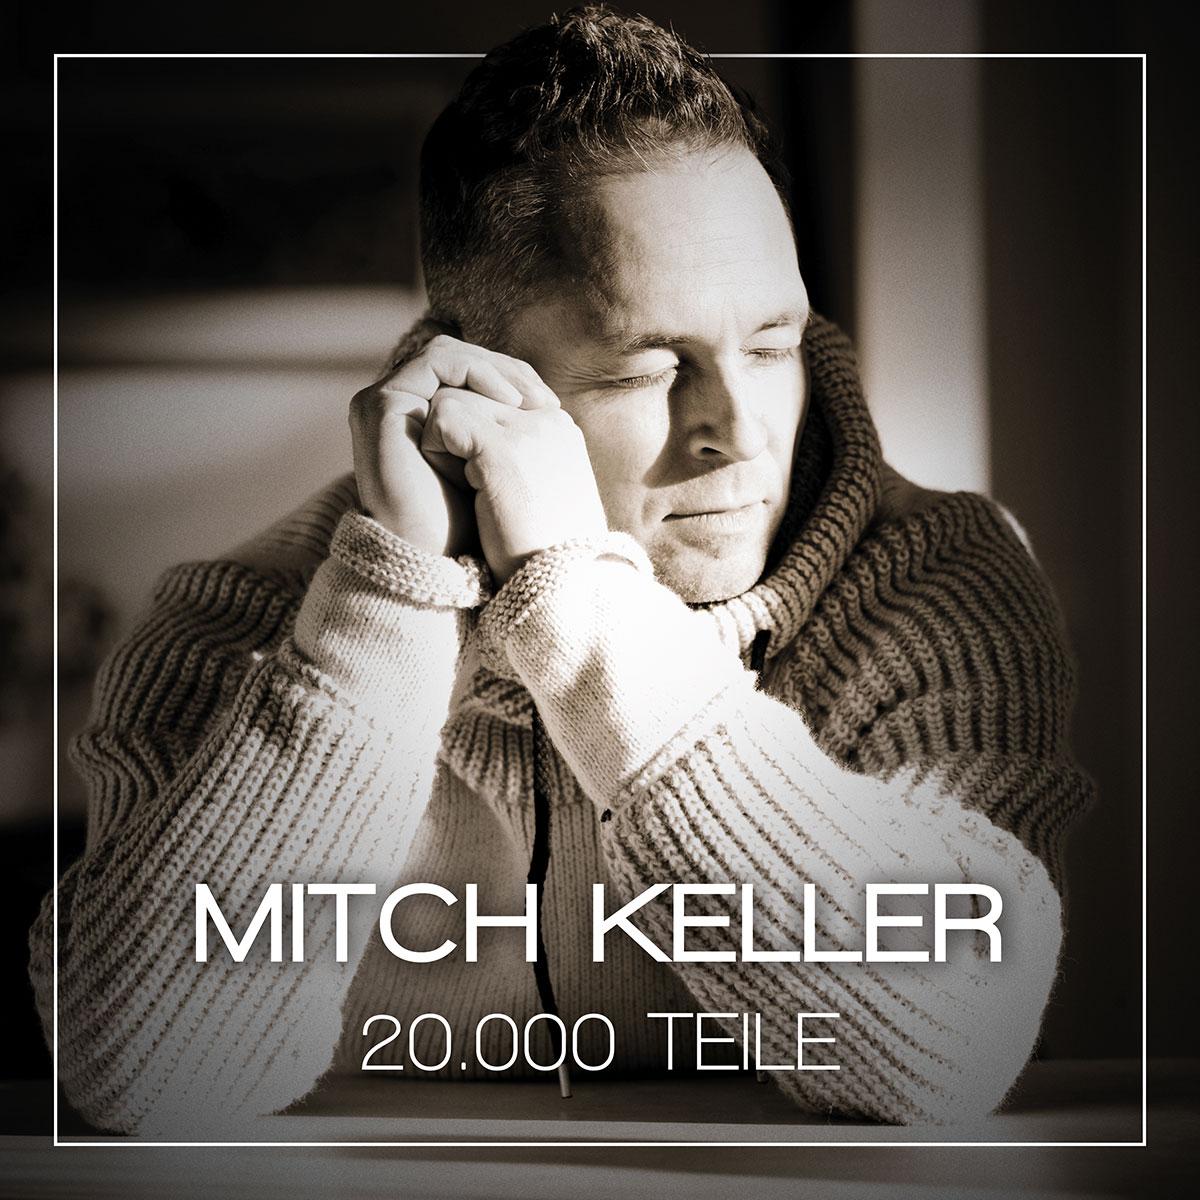 Mitch Keller 20000 Teile Album Cover